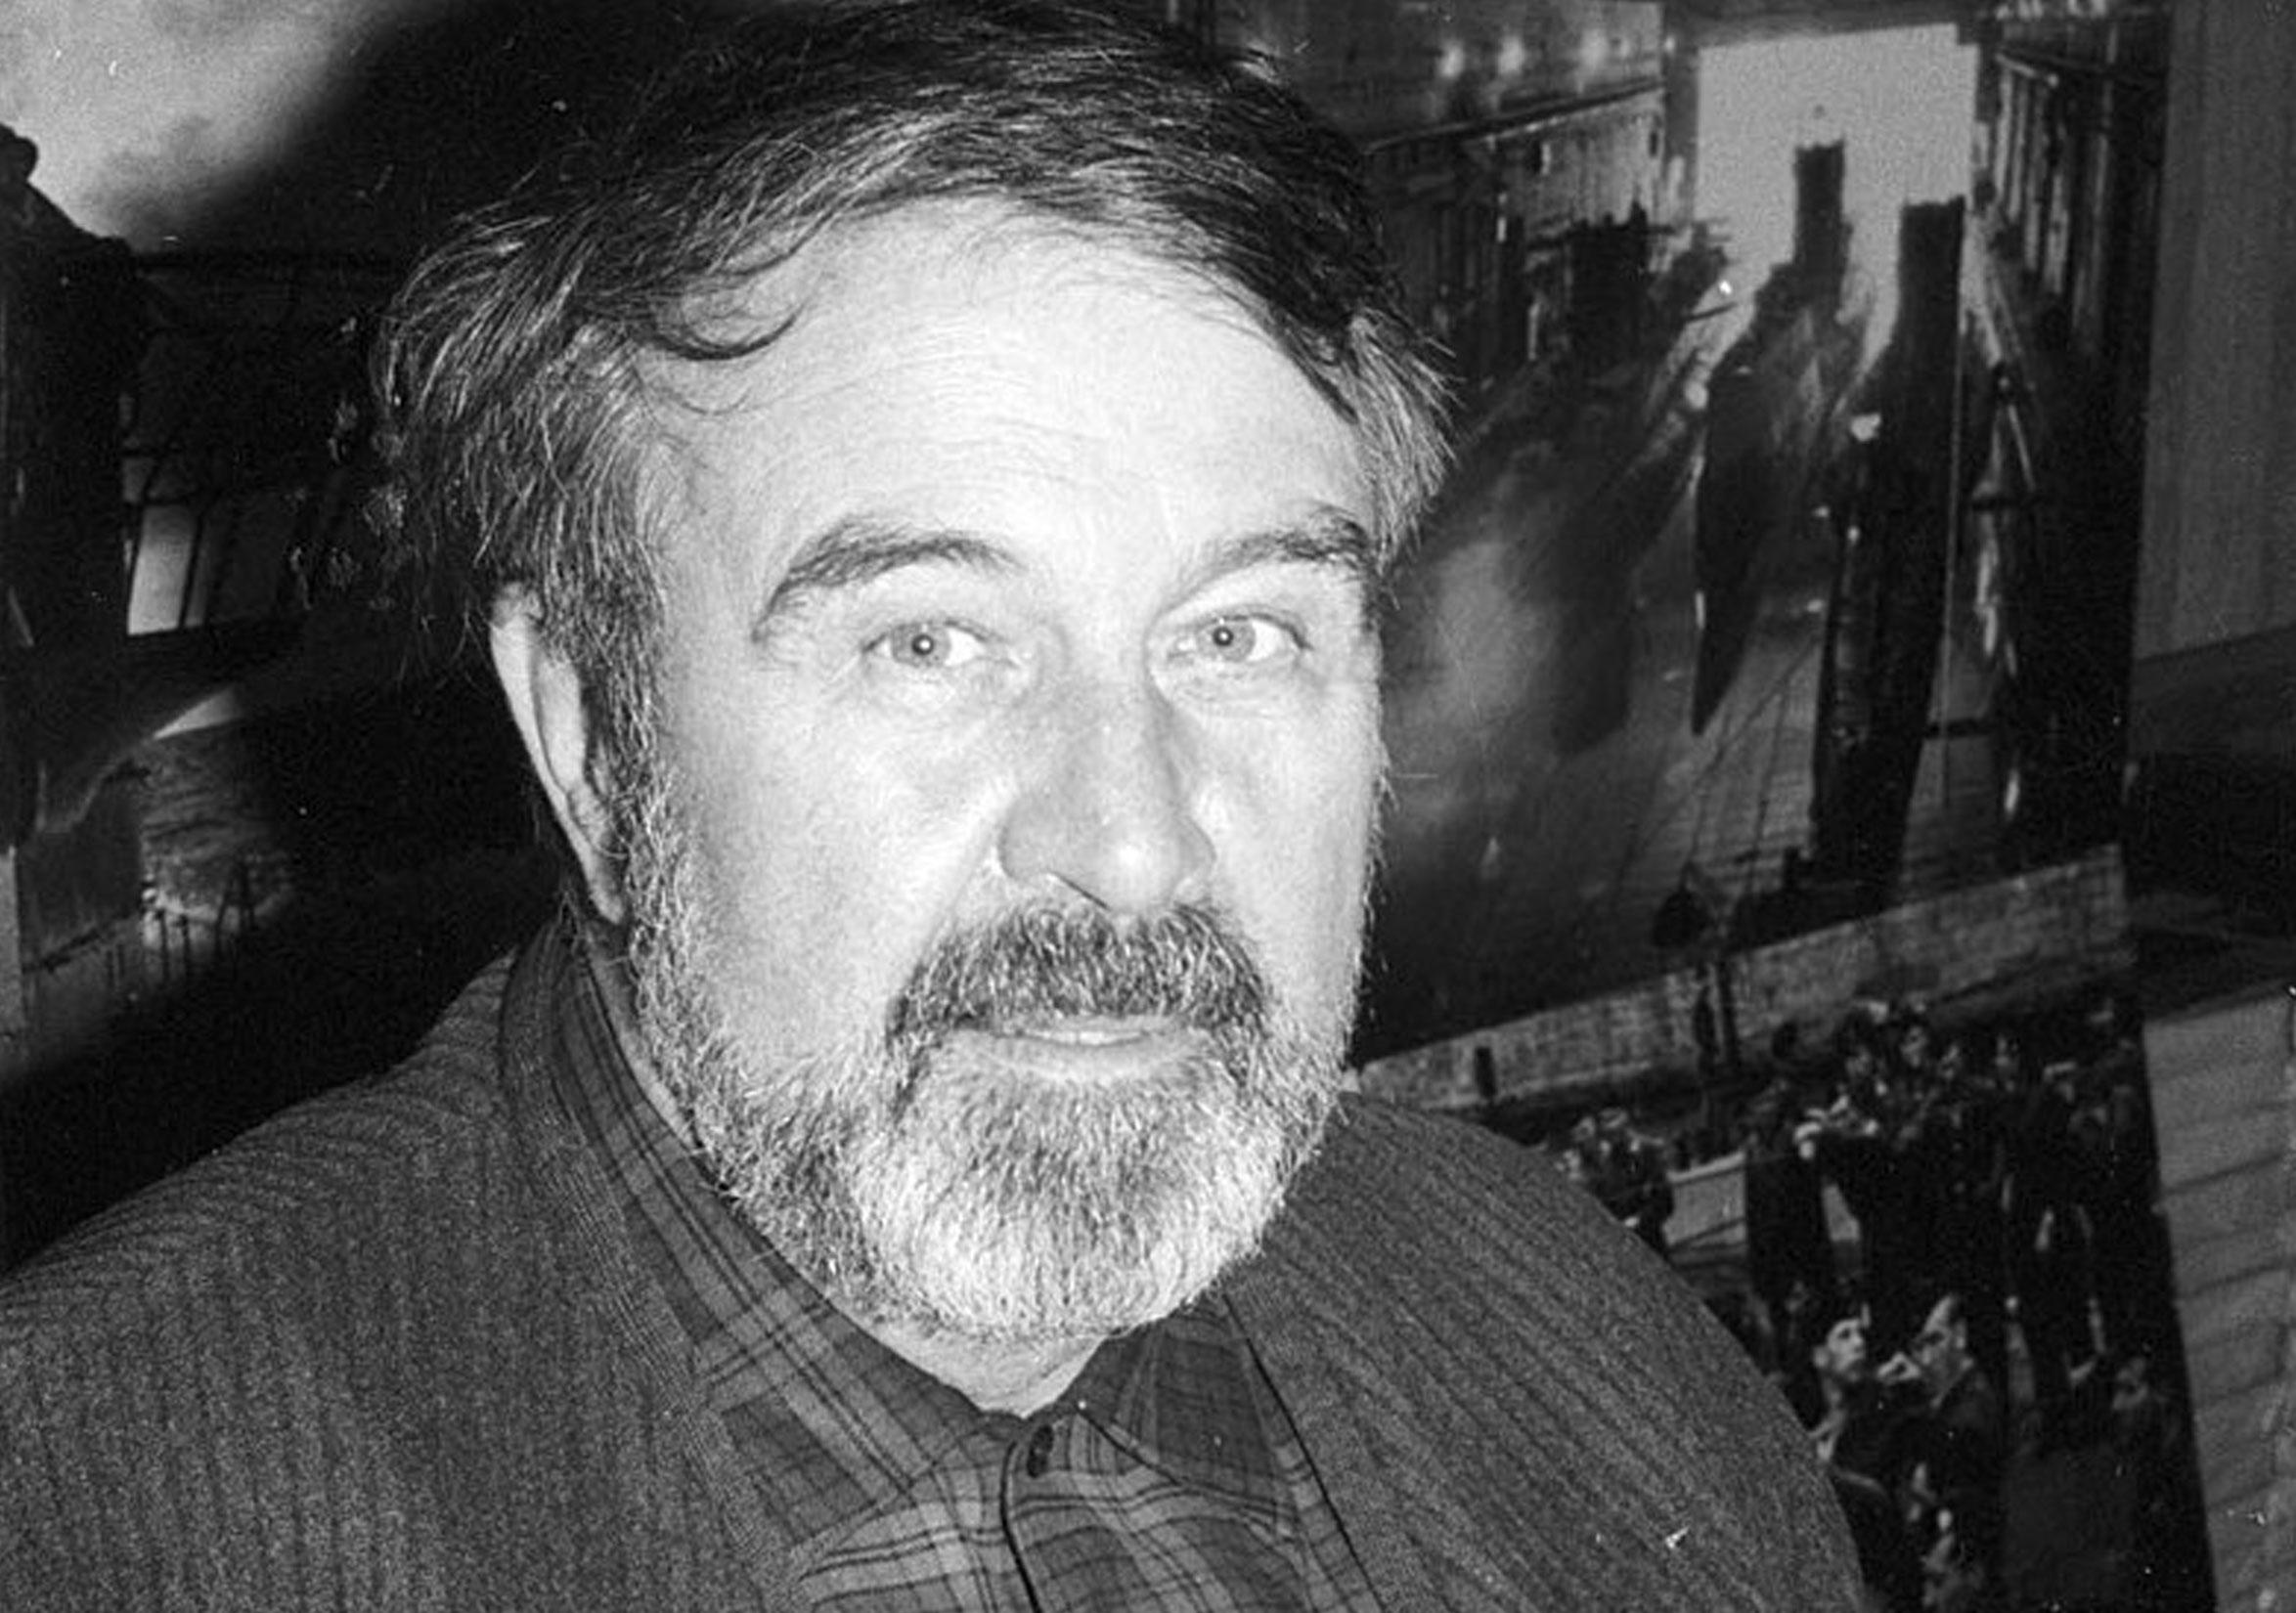 Zimmergeschichten Lothar Günther Buchheim